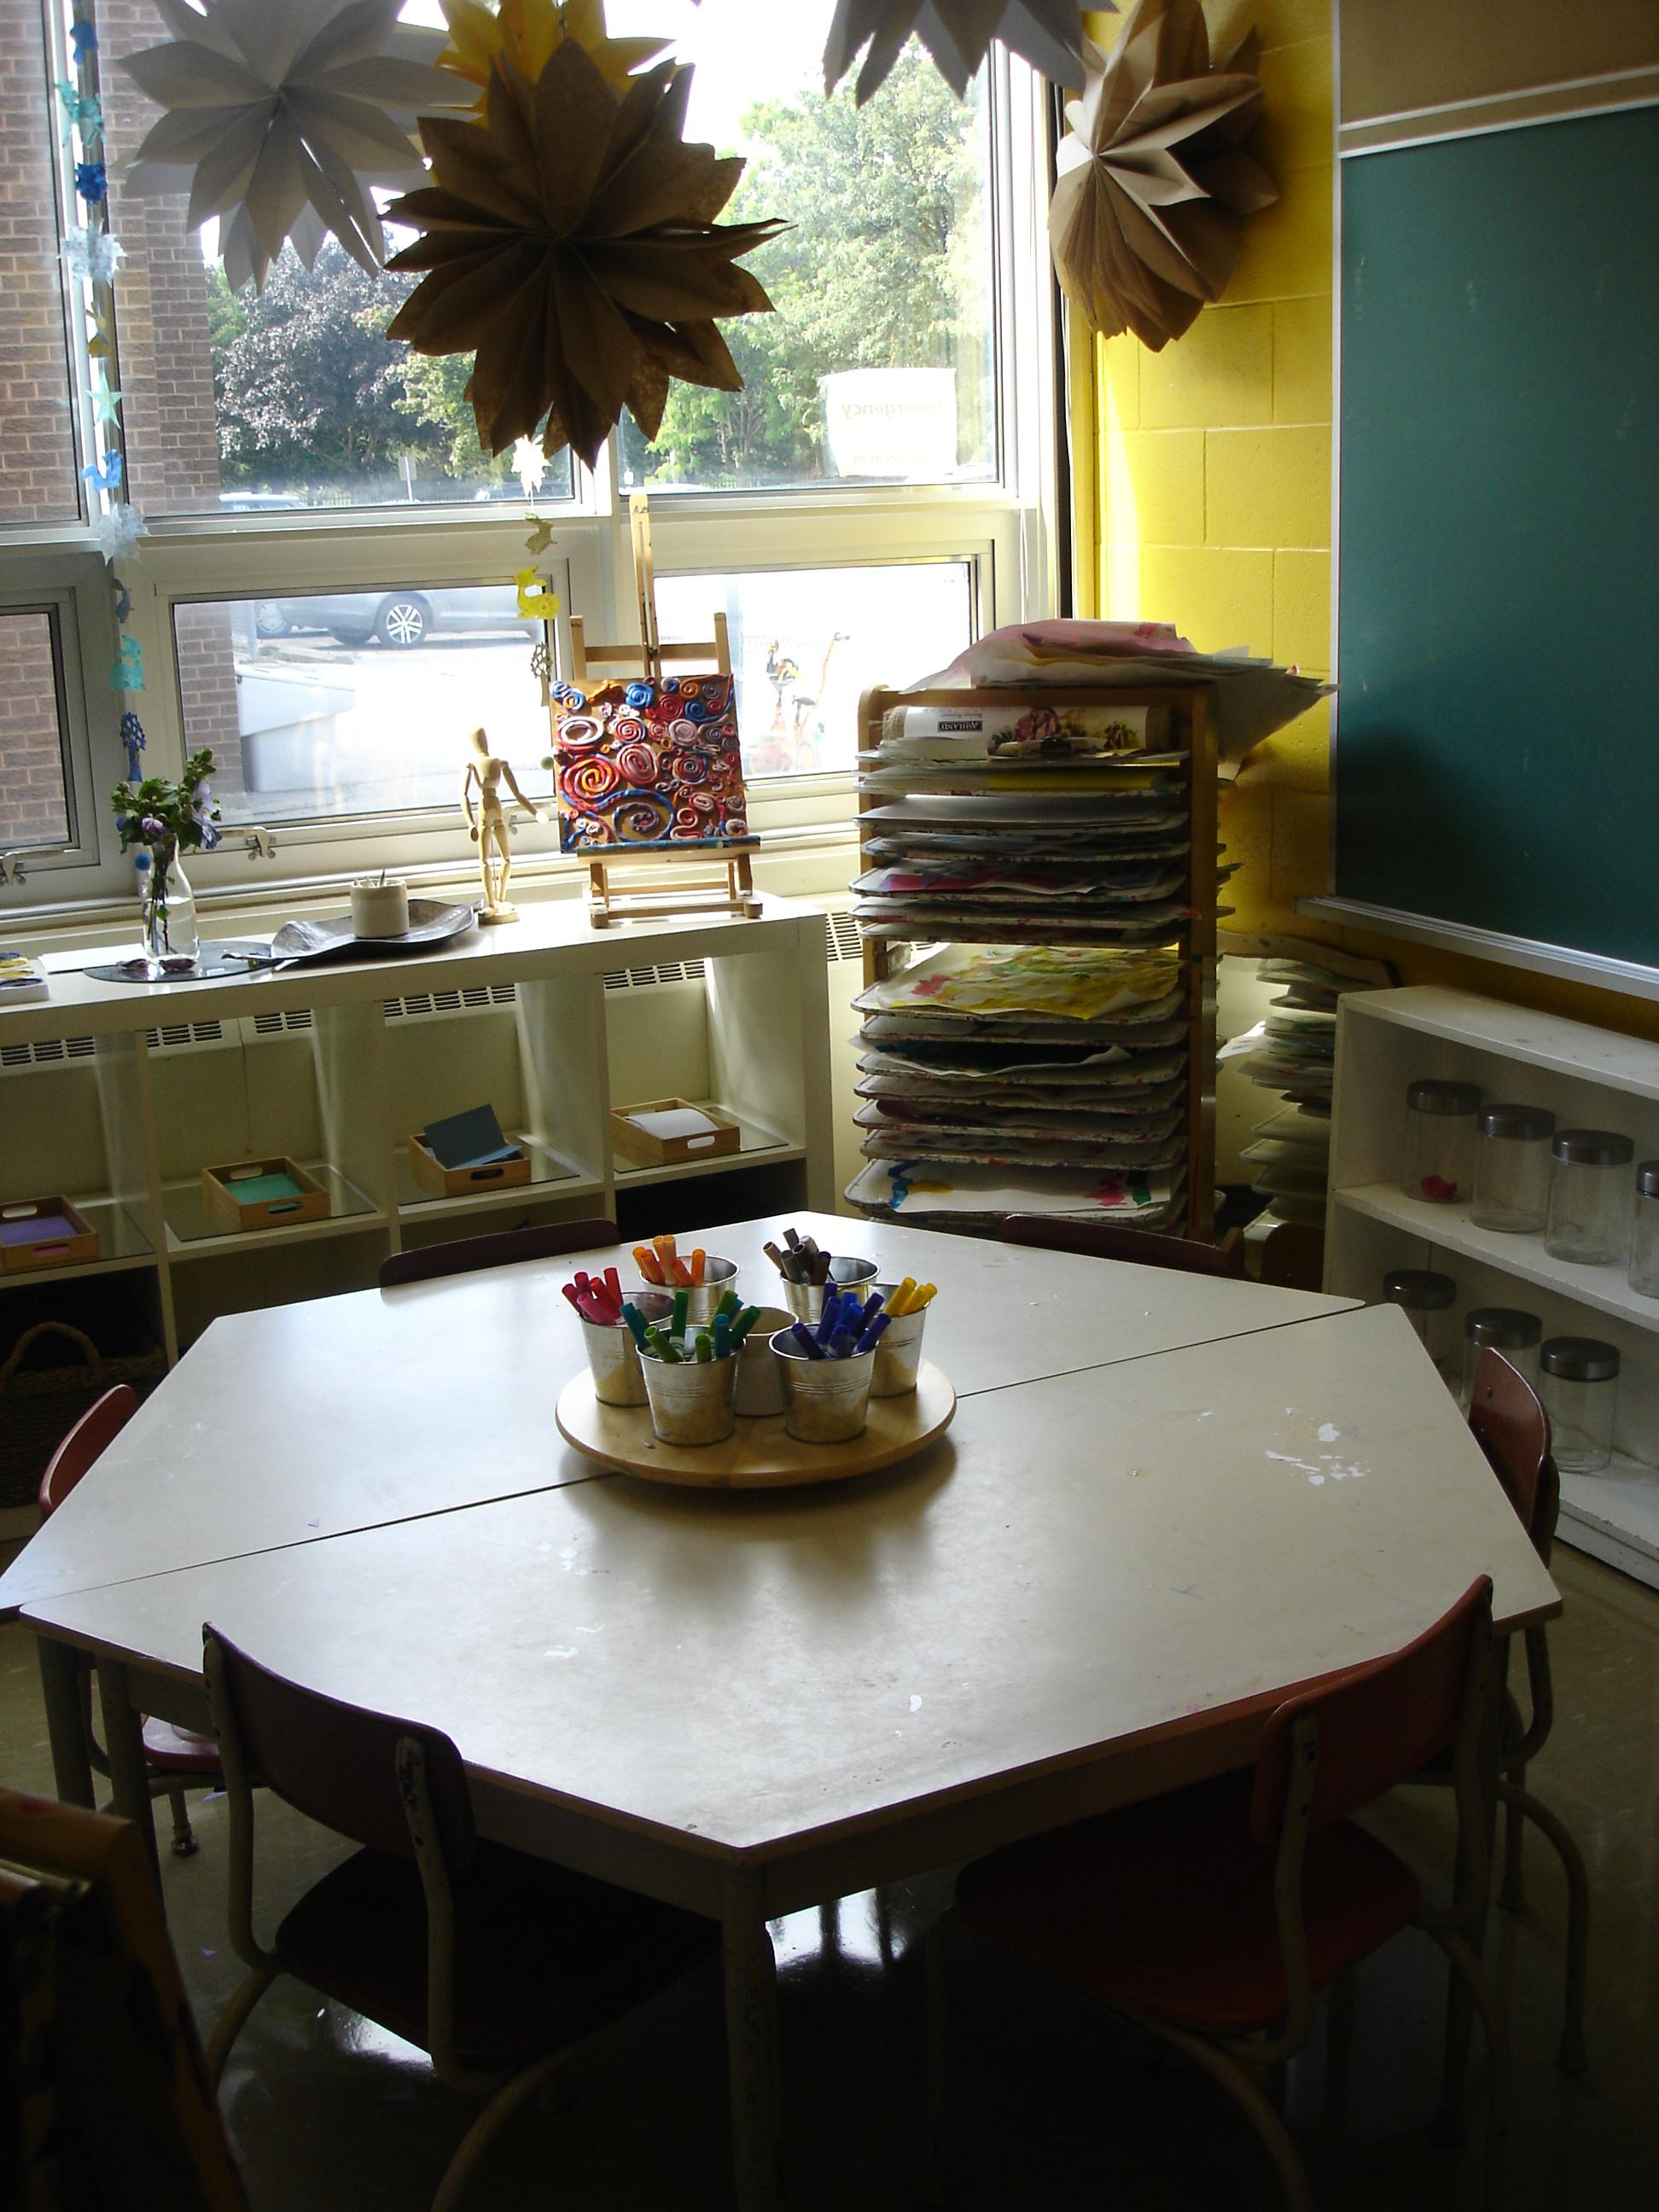 Kindergarten Art Studio The Curious Kindergarten